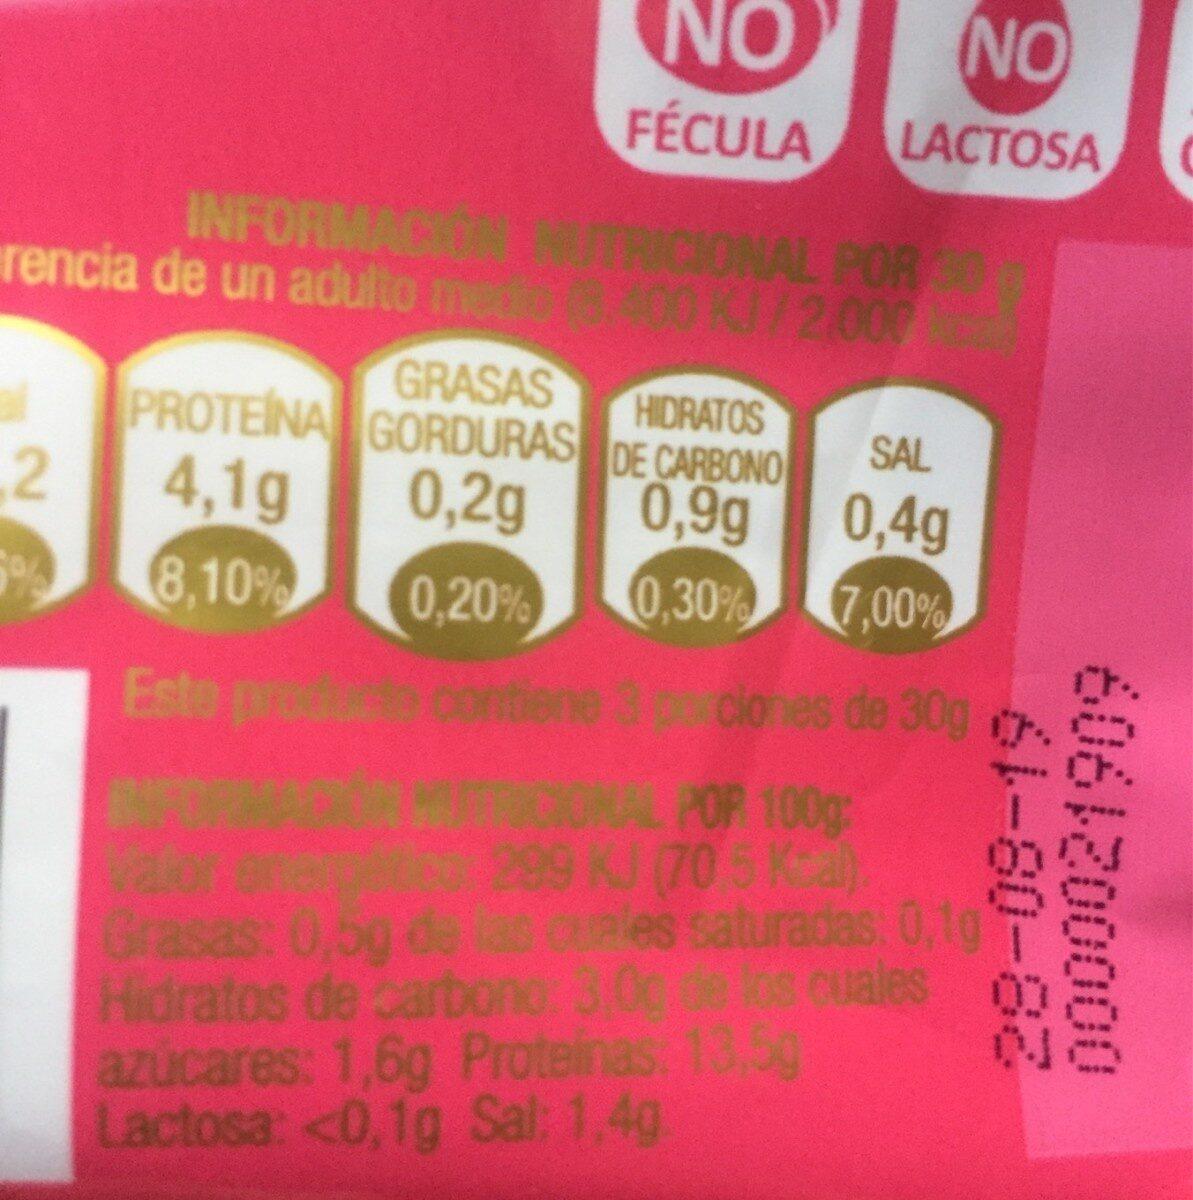 Pechugas de Pavo - bien Star - Información nutricional - en